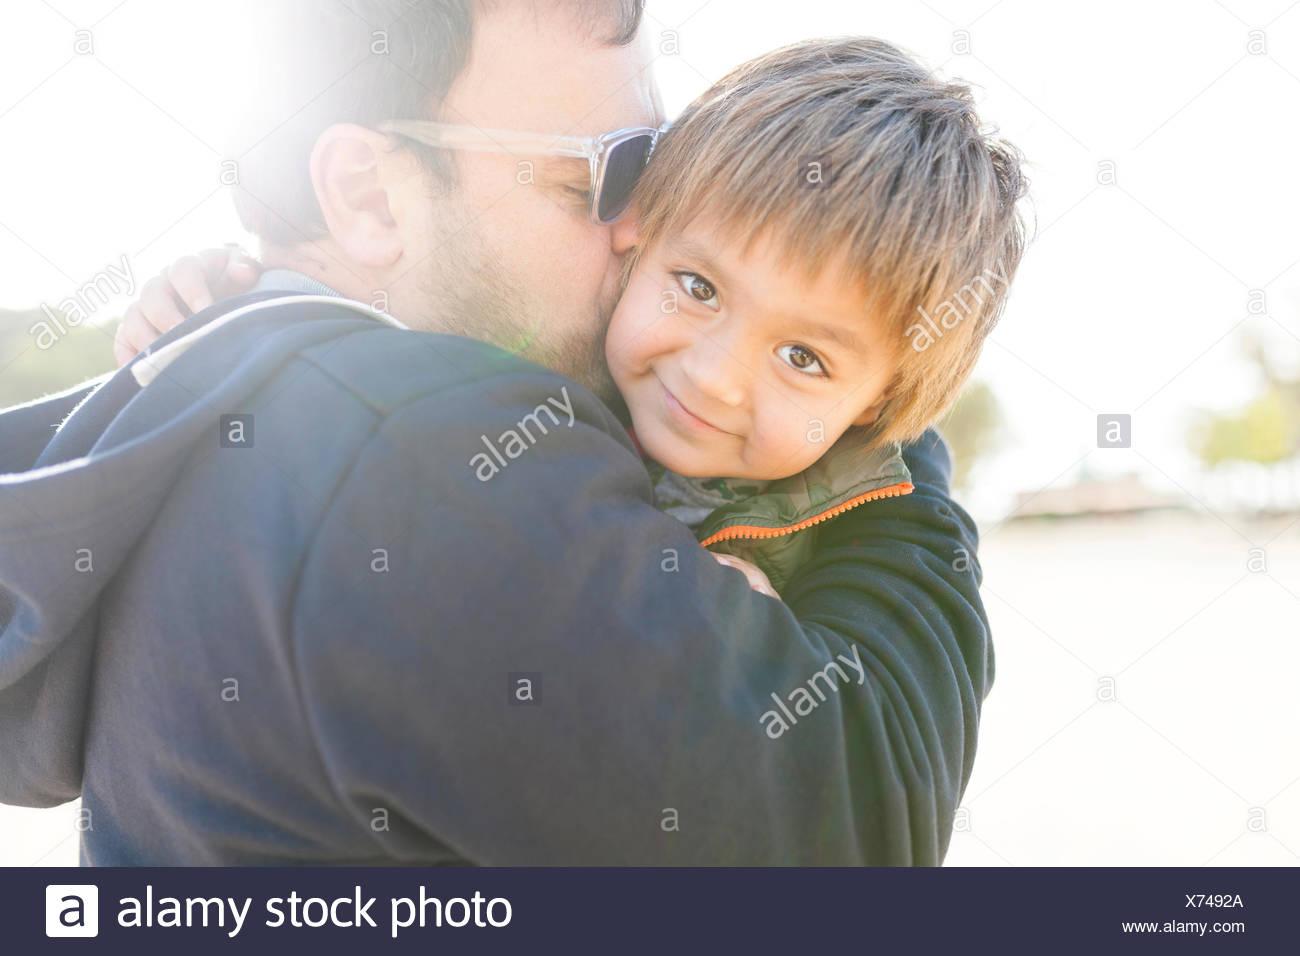 Retrato de niño sonriente abrazos y besos por su padre Imagen De Stock